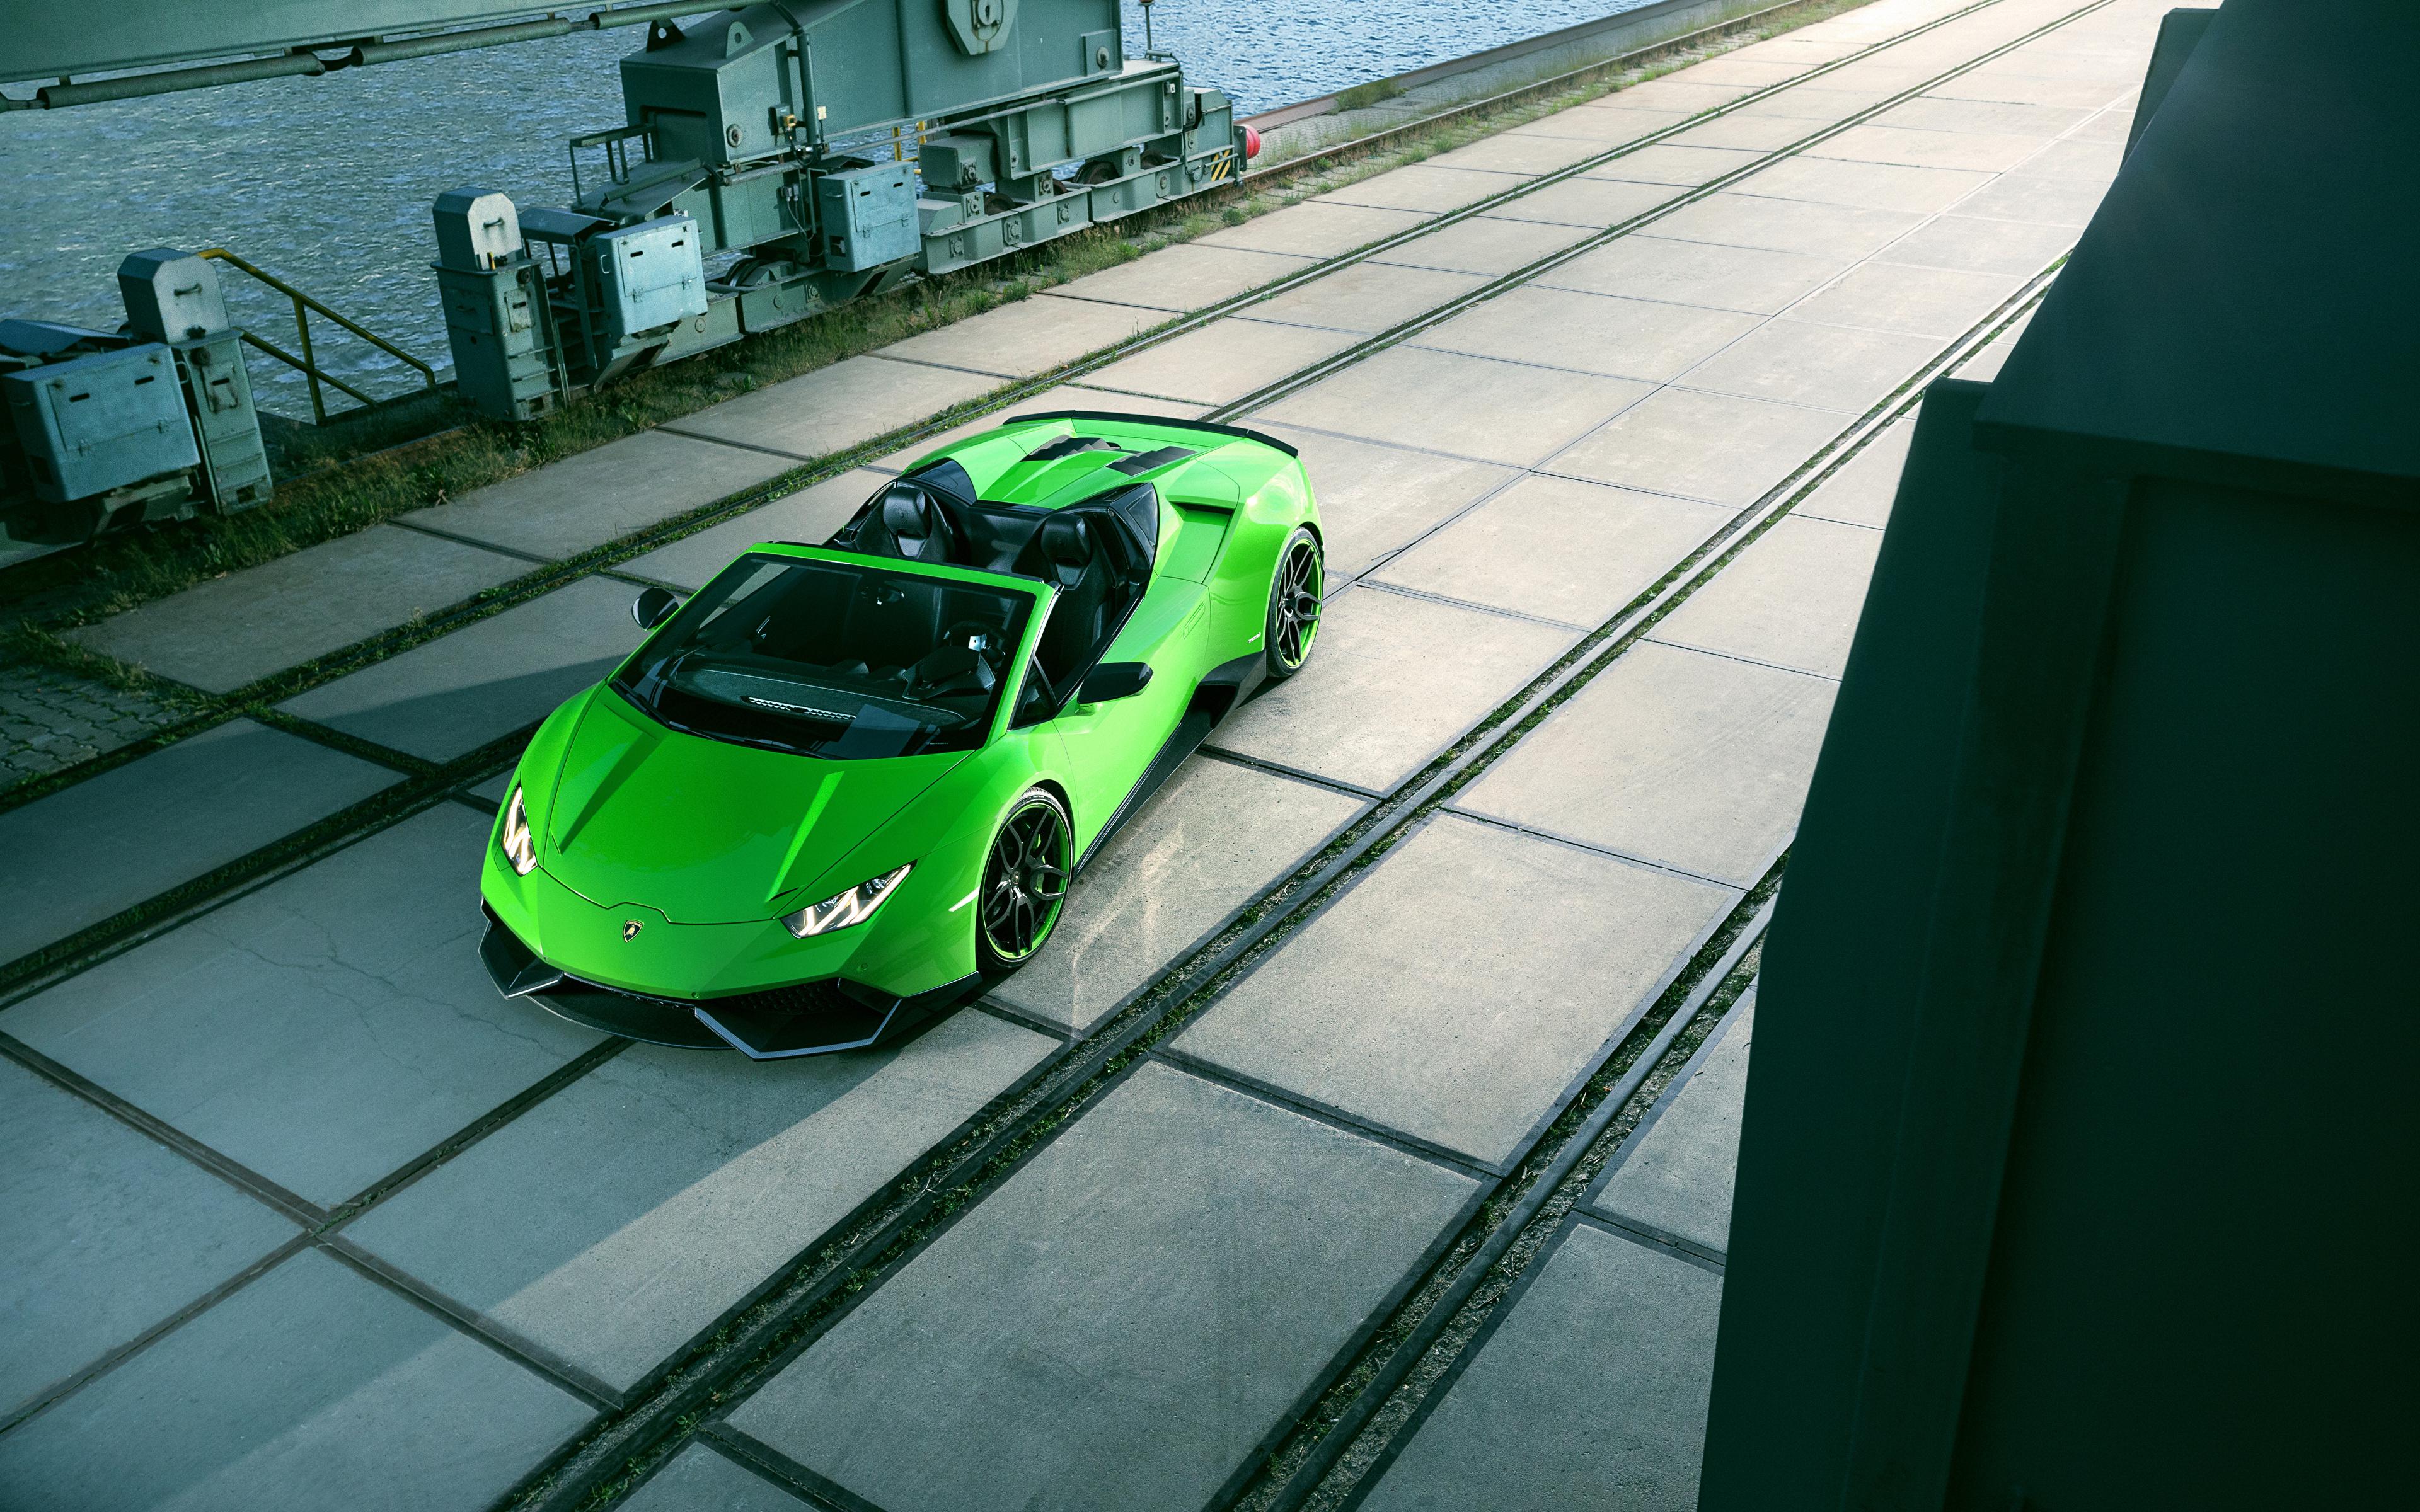 Обои для рабочего стола Lamborghini 2016 Novitec Torado Huracán LP 610-4 Spyder Родстер Салатовый Автомобили 3840x2400 Ламборгини салатовая салатовые желто зеленый авто машина машины автомобиль